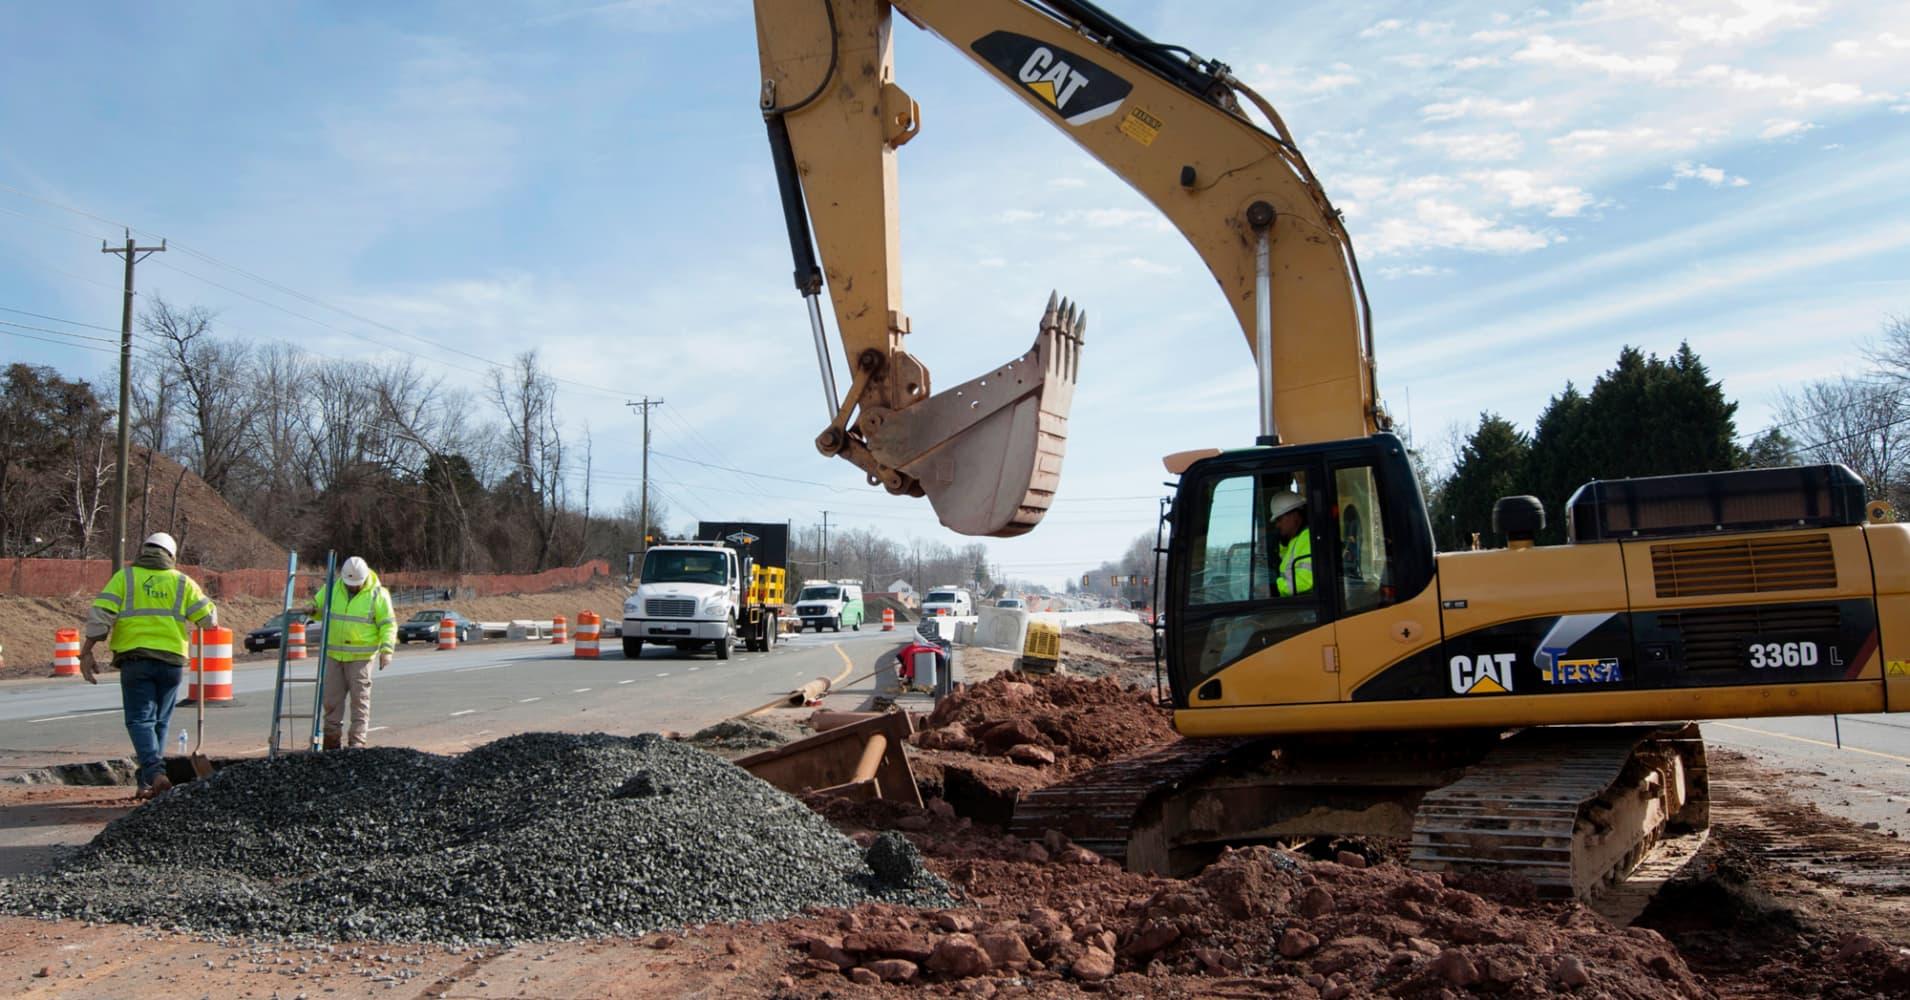 Breakingviews: Beware cracks in Trump's infrastructure plan